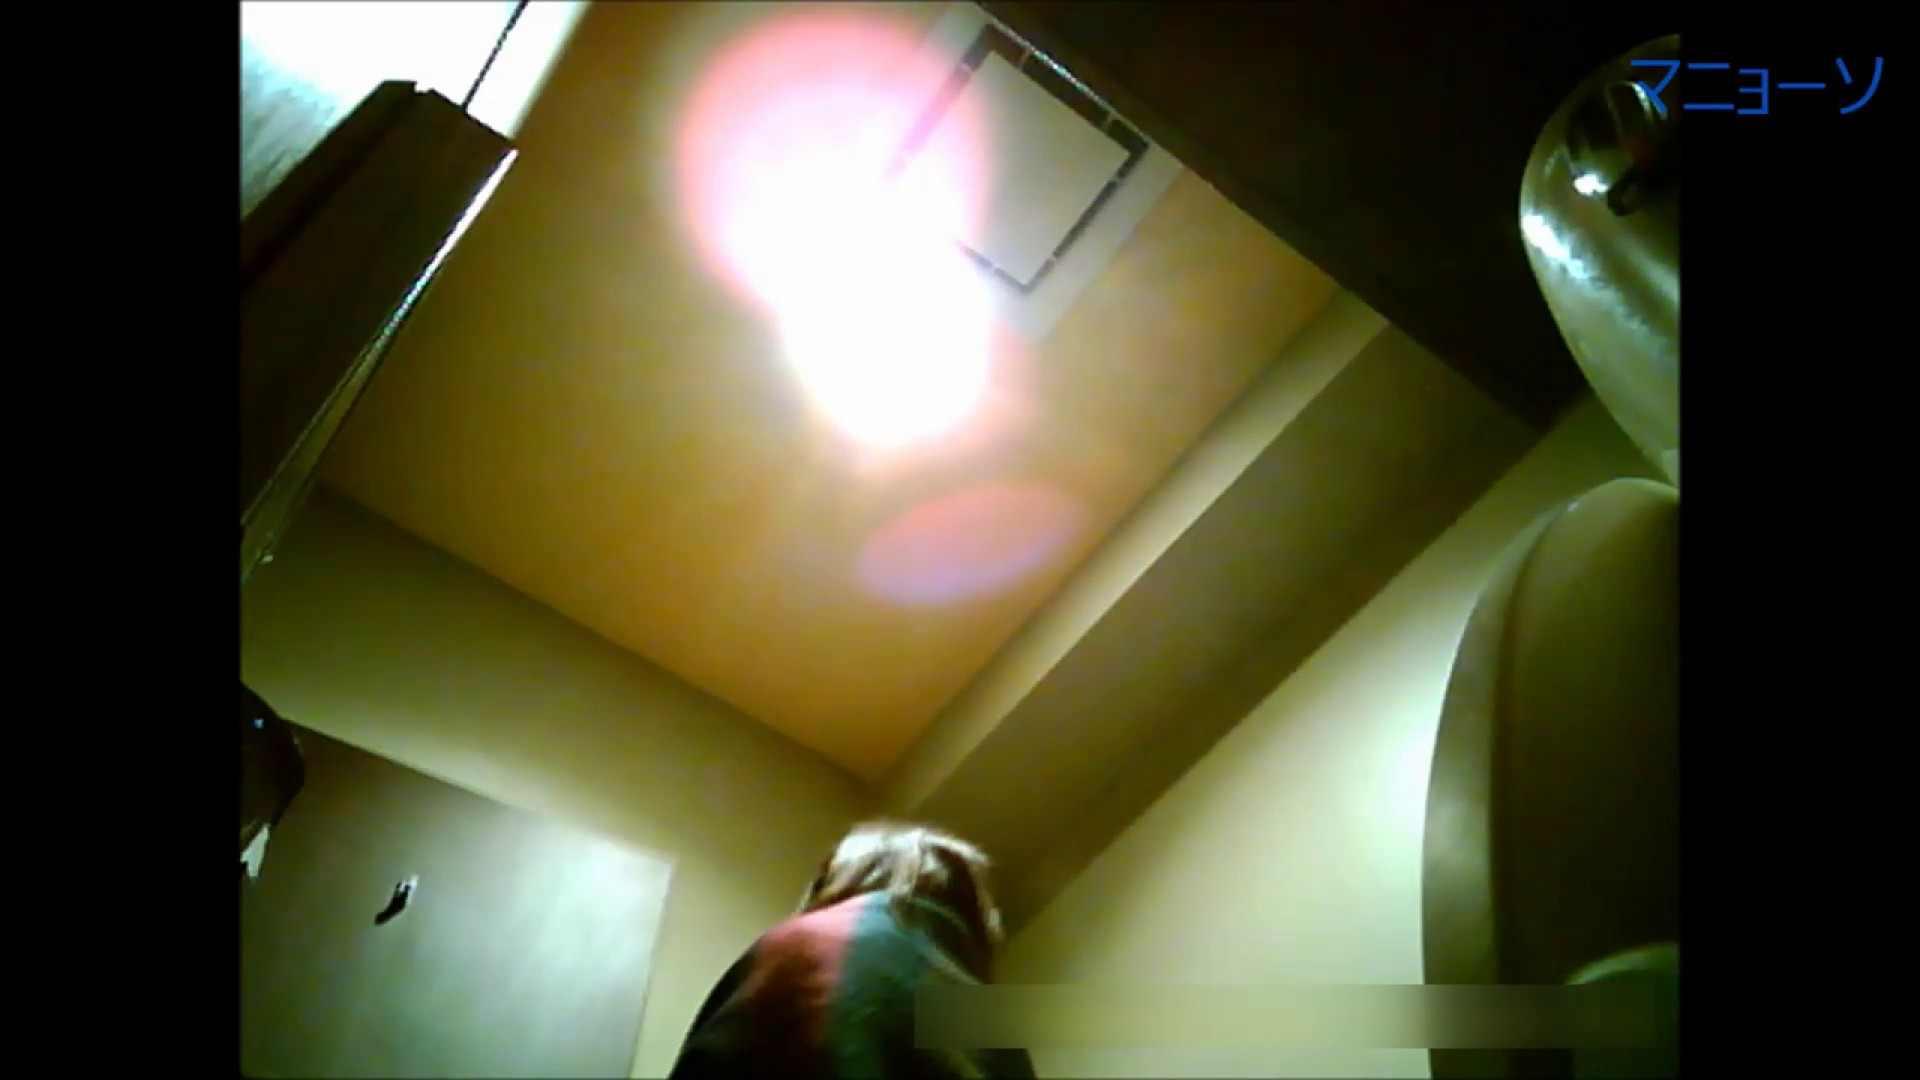 トイレでひと肌脱いでもらいました (JD編)Vol.02 トイレ | OLの実態  80pic 65